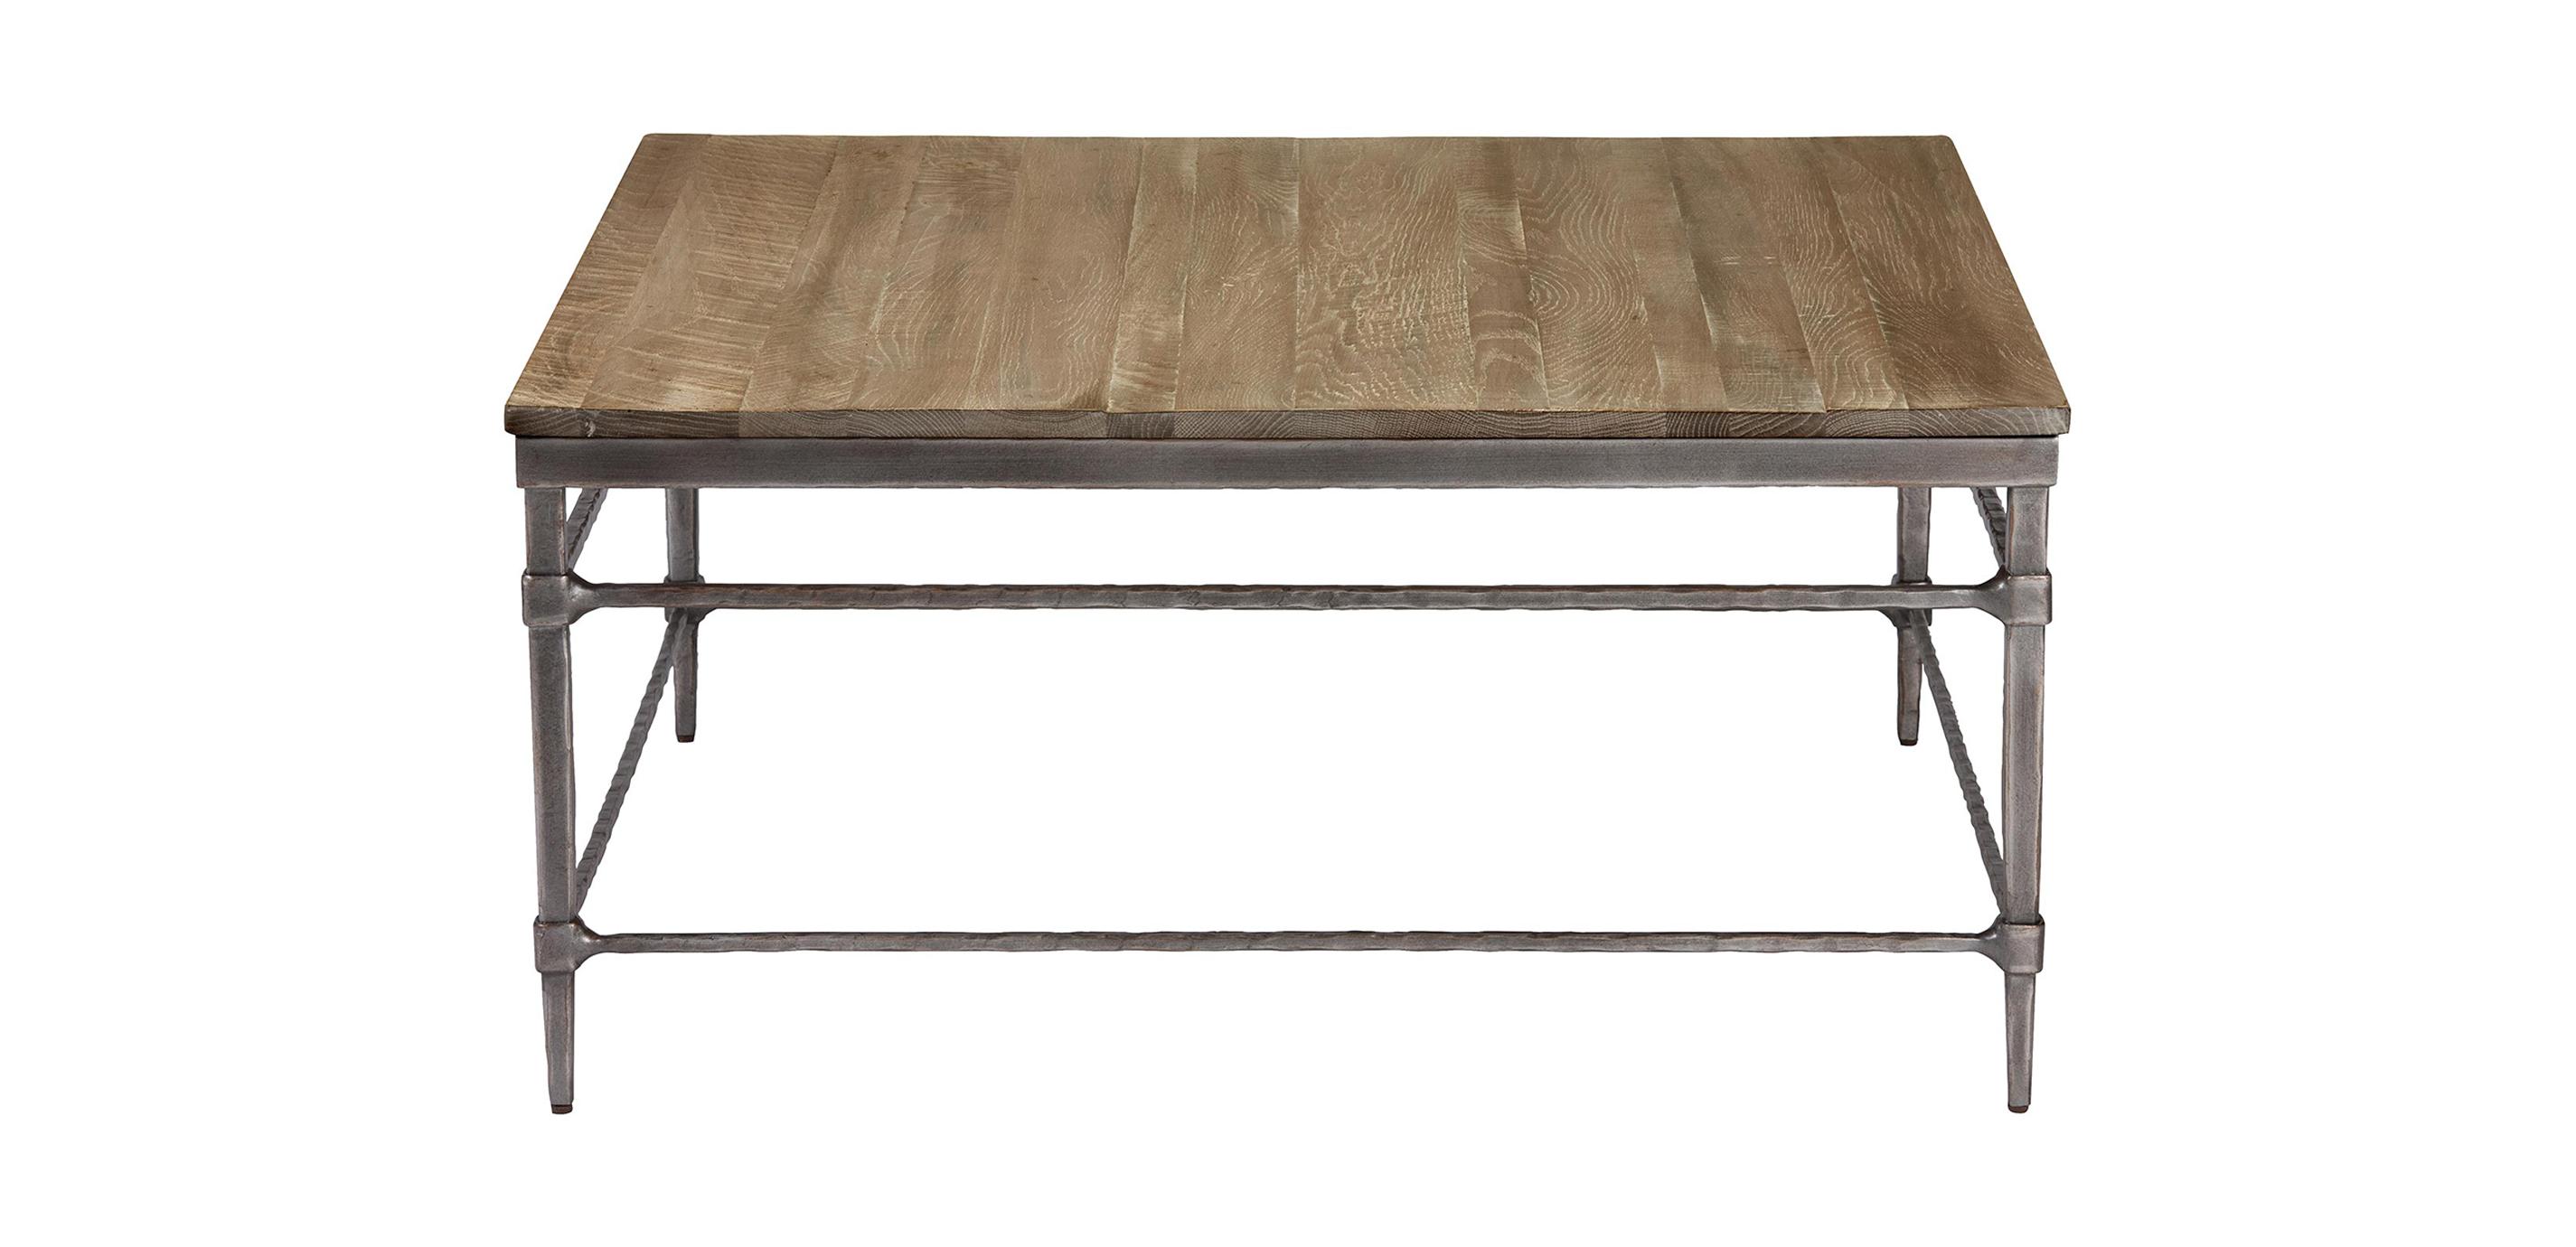 Vida Square WoodTop Coffee Table Coffee Tables Ethan Allen - Silverado rectangular coffee table